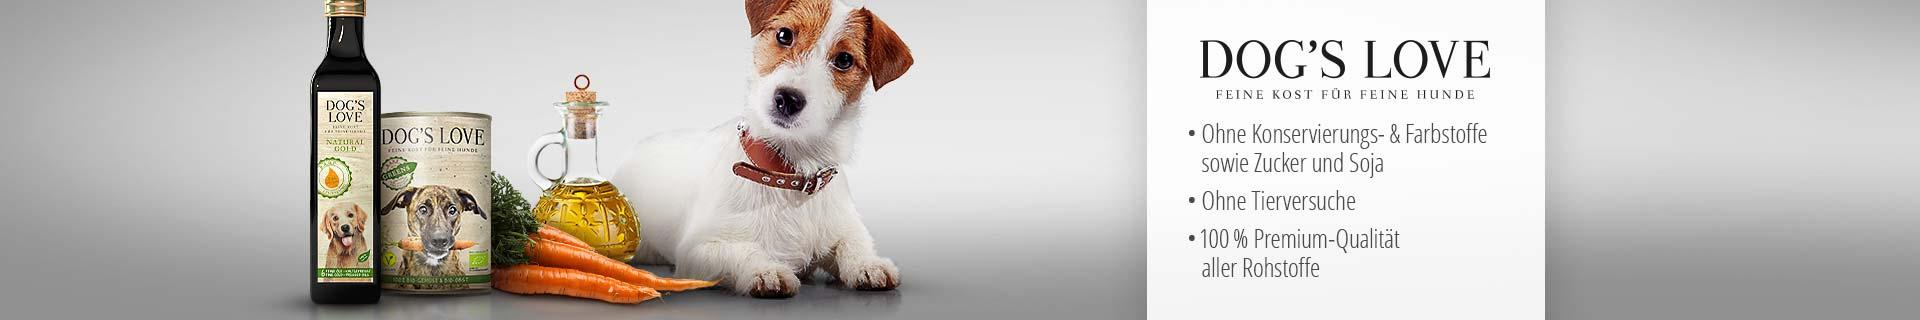 Dog's Love Ergänzungsfutter